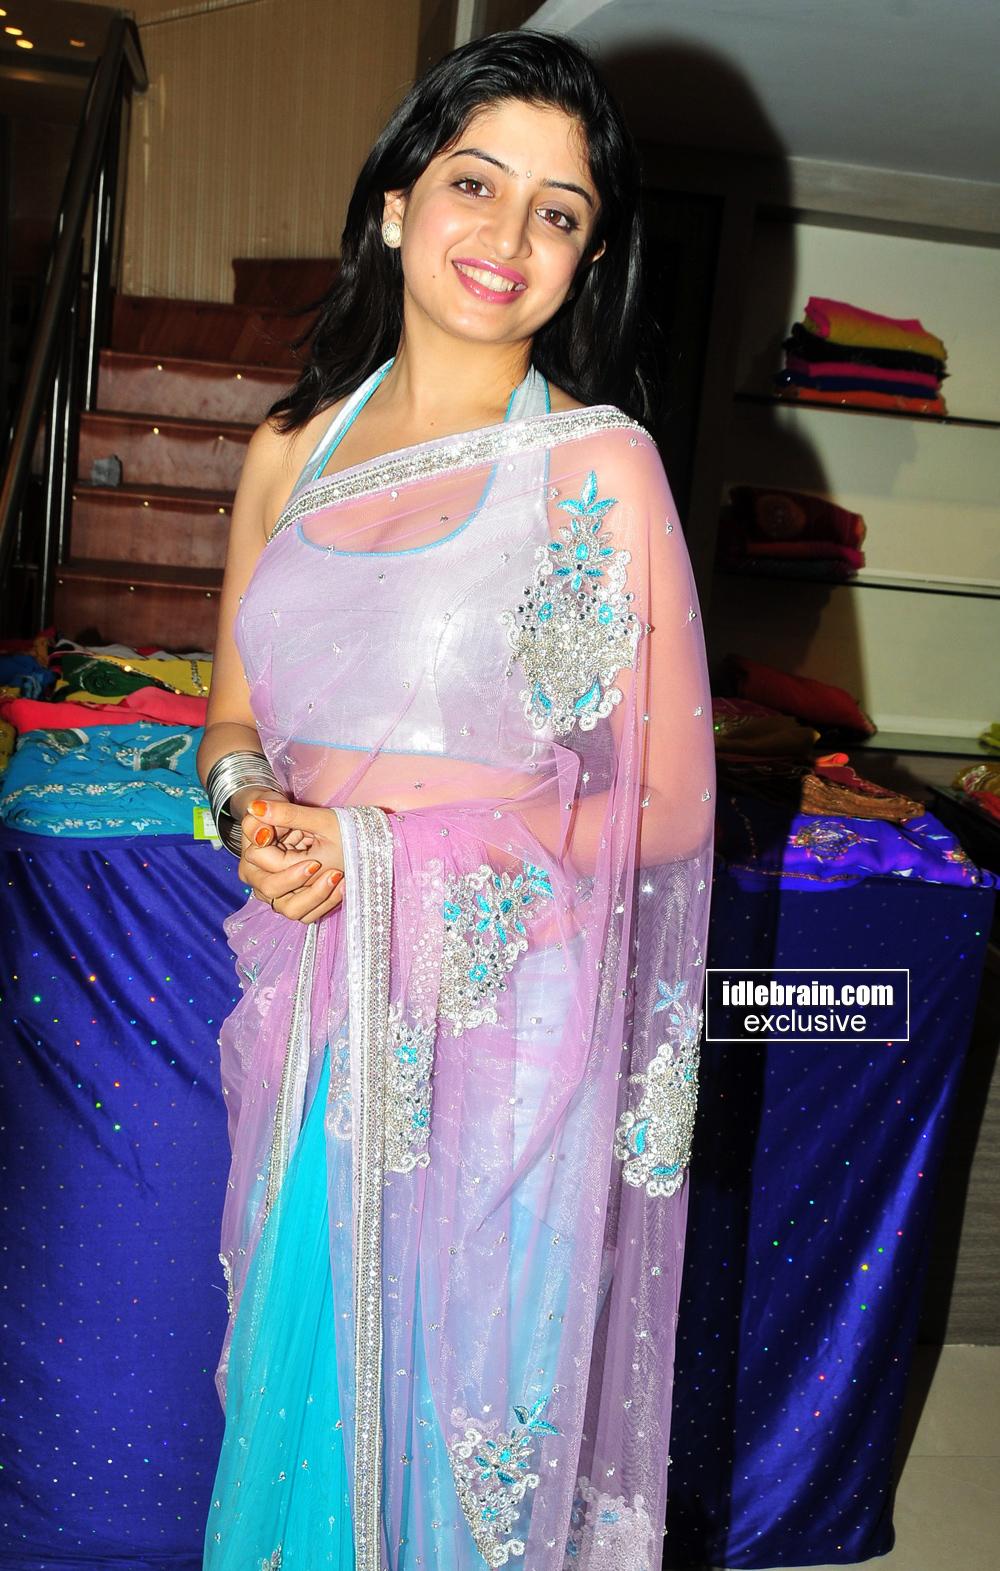 Hot Indian Actress Blog Hot South Actress Poonam Kaur In -6383